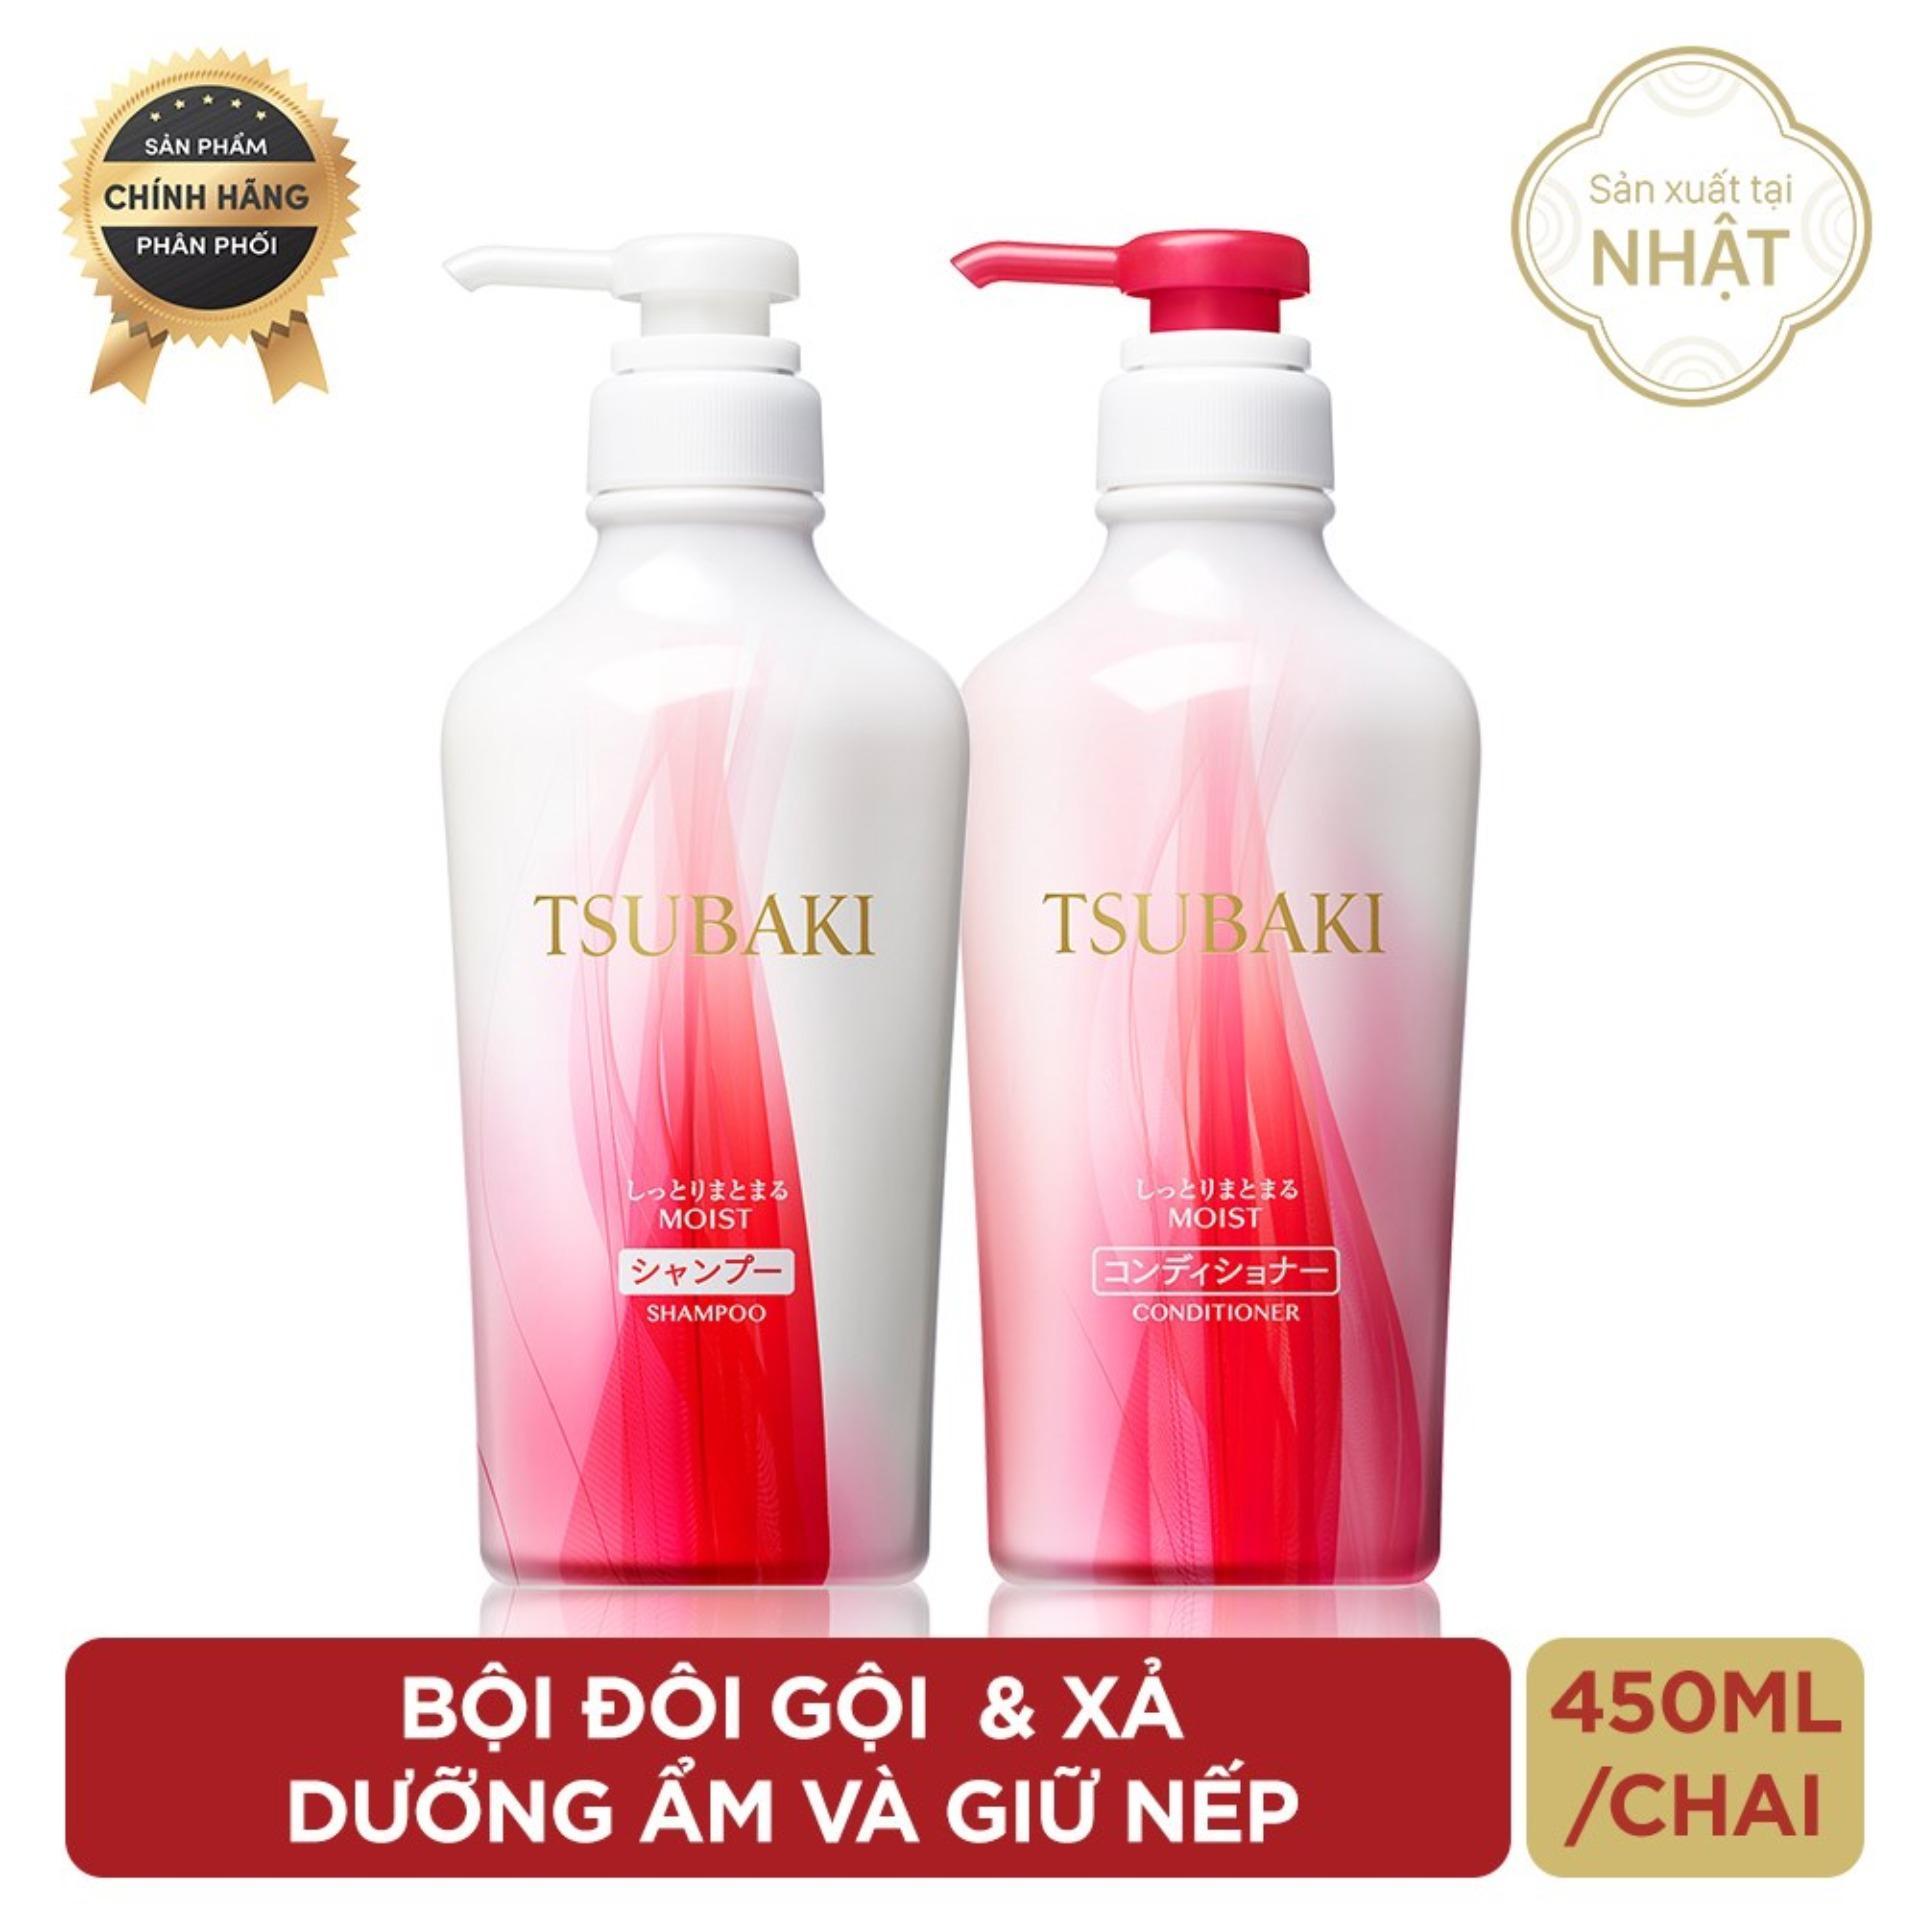 Bộ đôi dầu gội và dầu xả dưỡng ẩm và giữ nếp Tsubaki Moist 450ml/chai giá rẻ